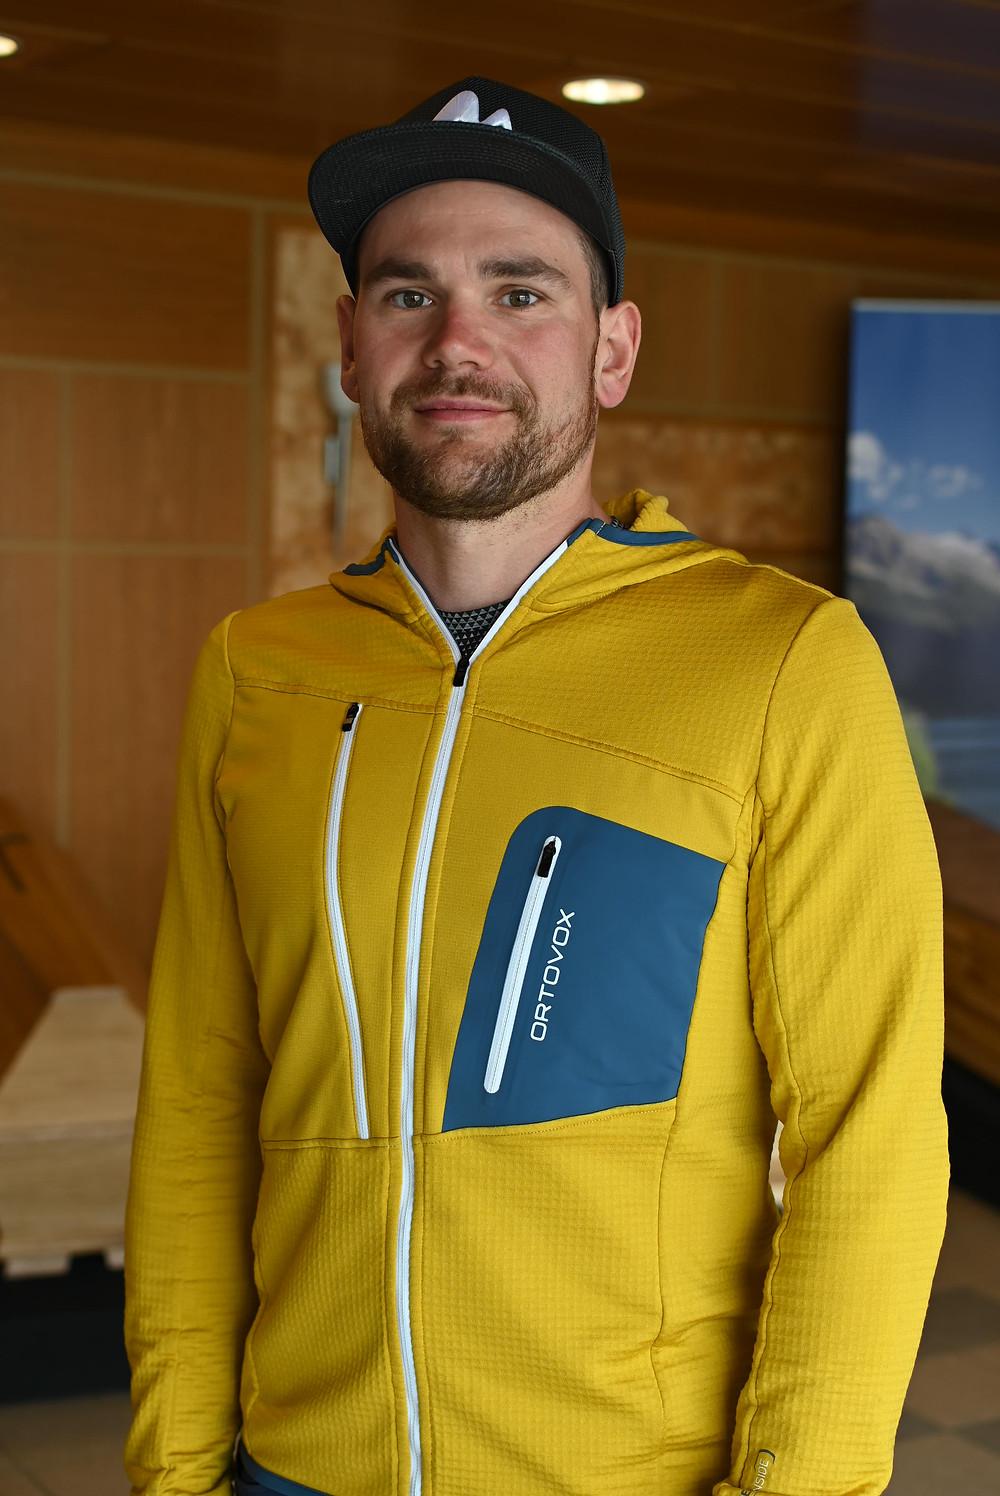 Reinhold Esterbauer steht im Ausstellungsraum vor den Särgen, im Hintergund ist eine Bergfotografie auf einem Banner zu erkennen. Reinhold lächelt in die Kamera. Ein Porträtfoto.